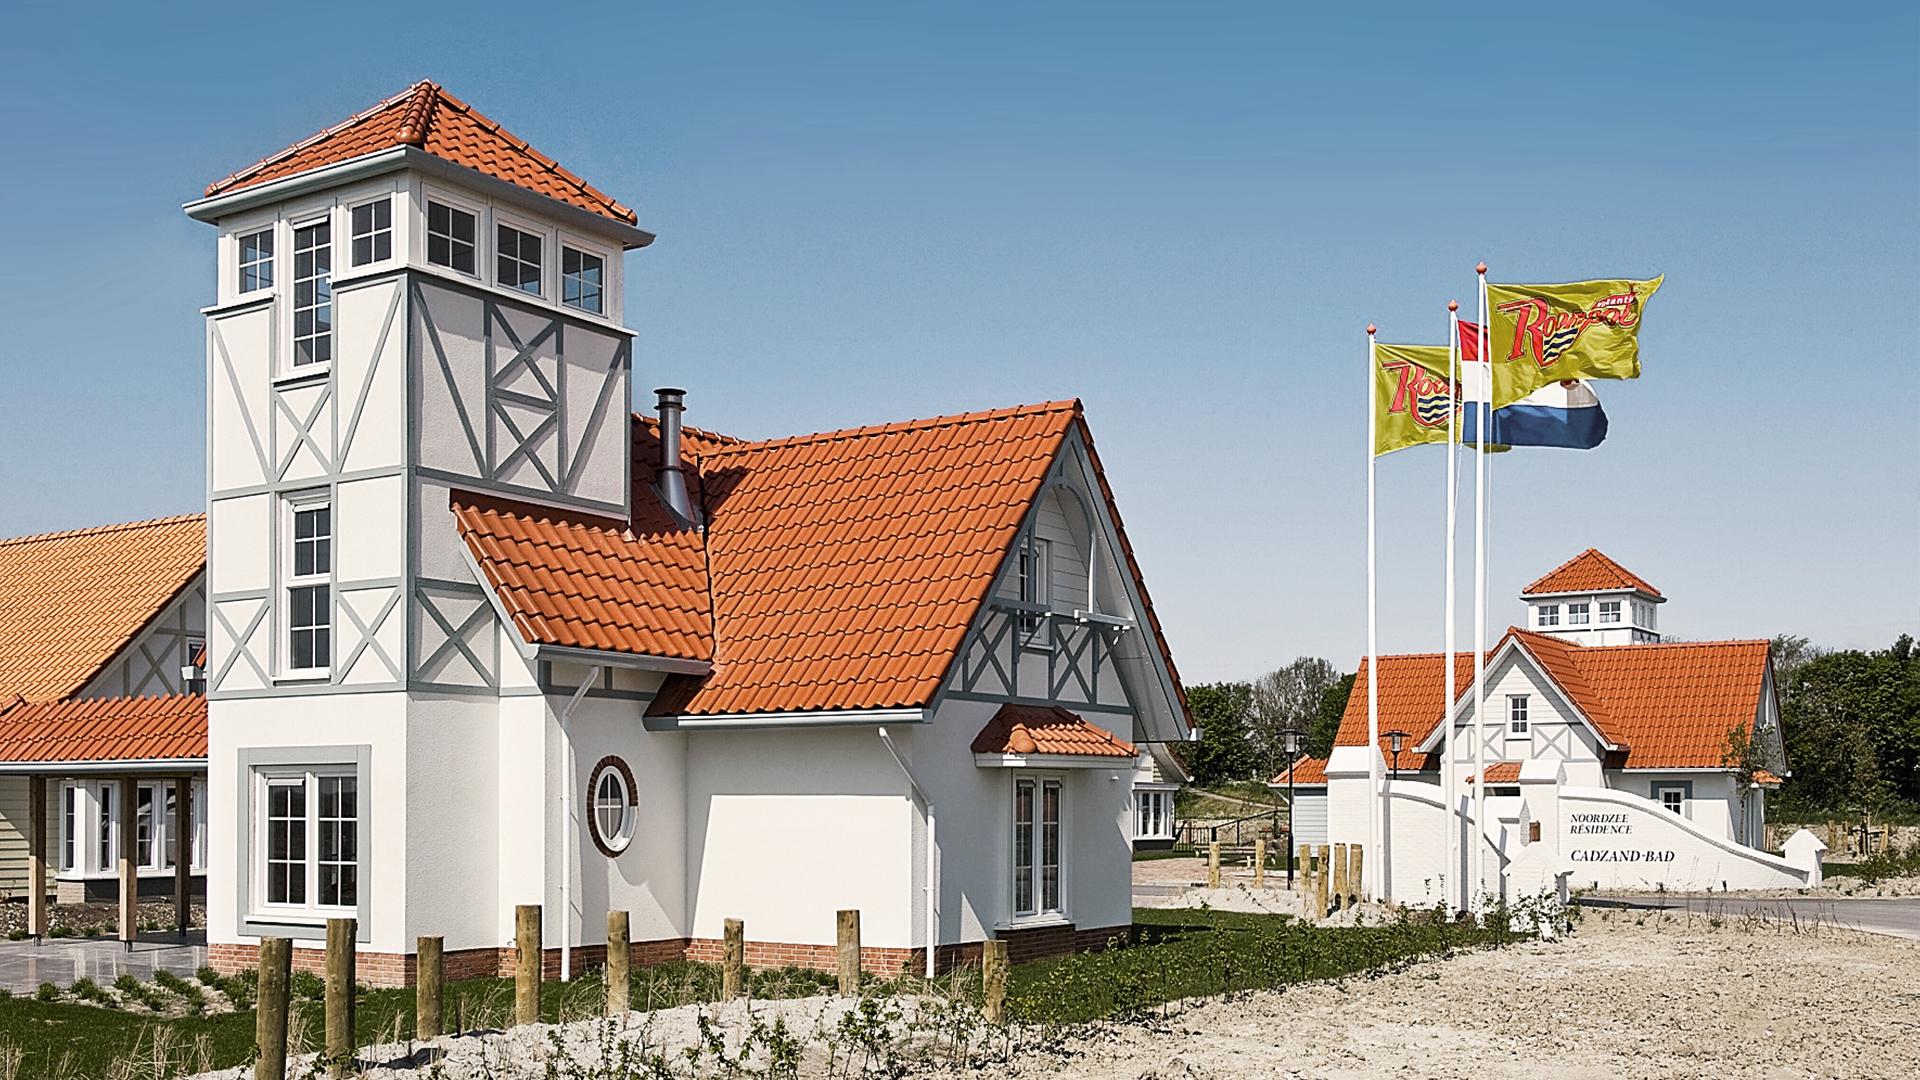 Hotel Noordzee Cadzand Bad